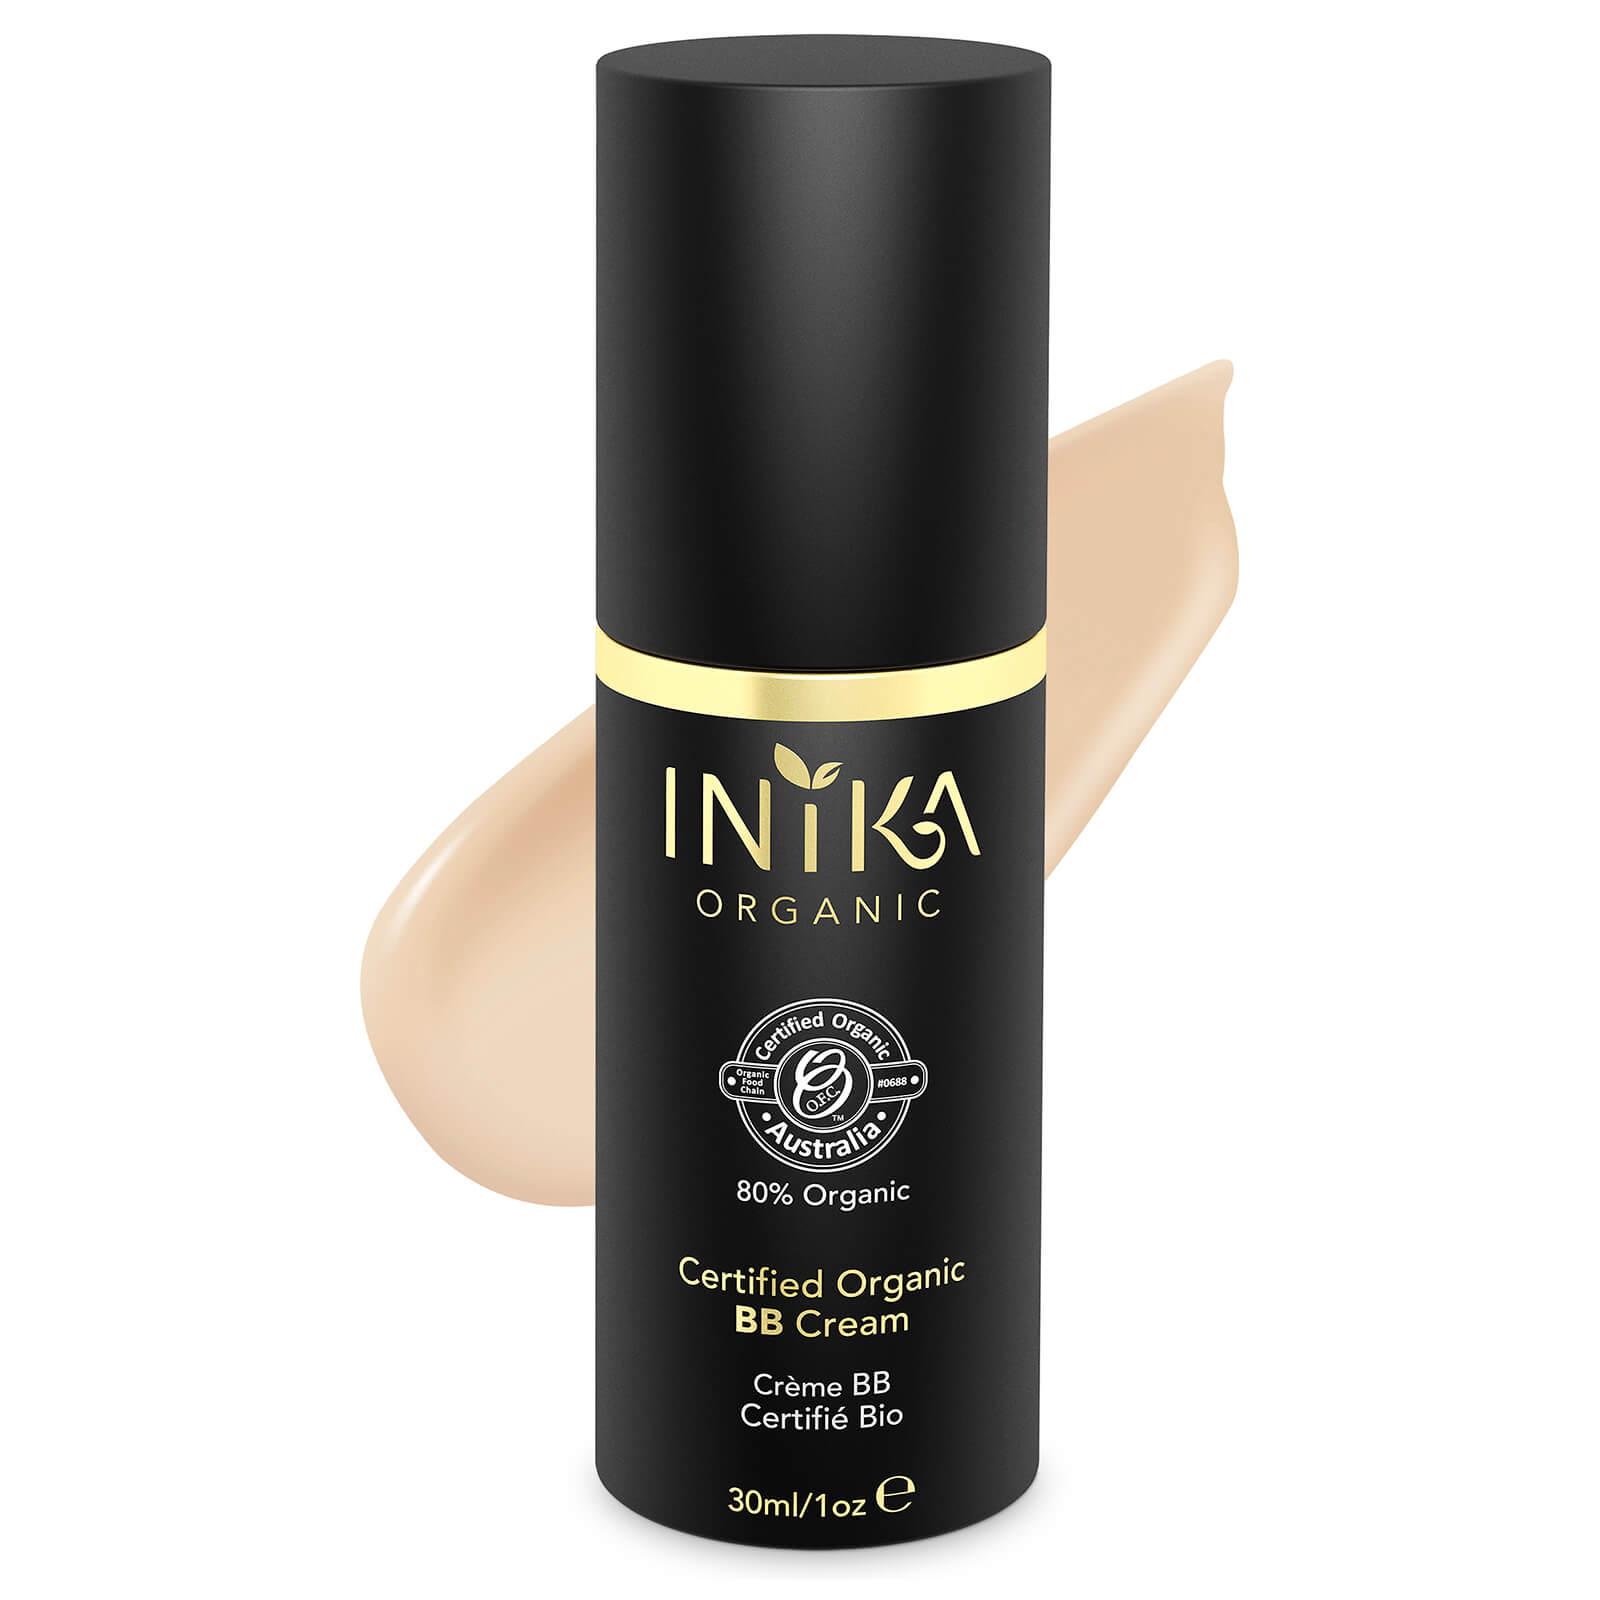 INIKA Certified Organic BB Cream